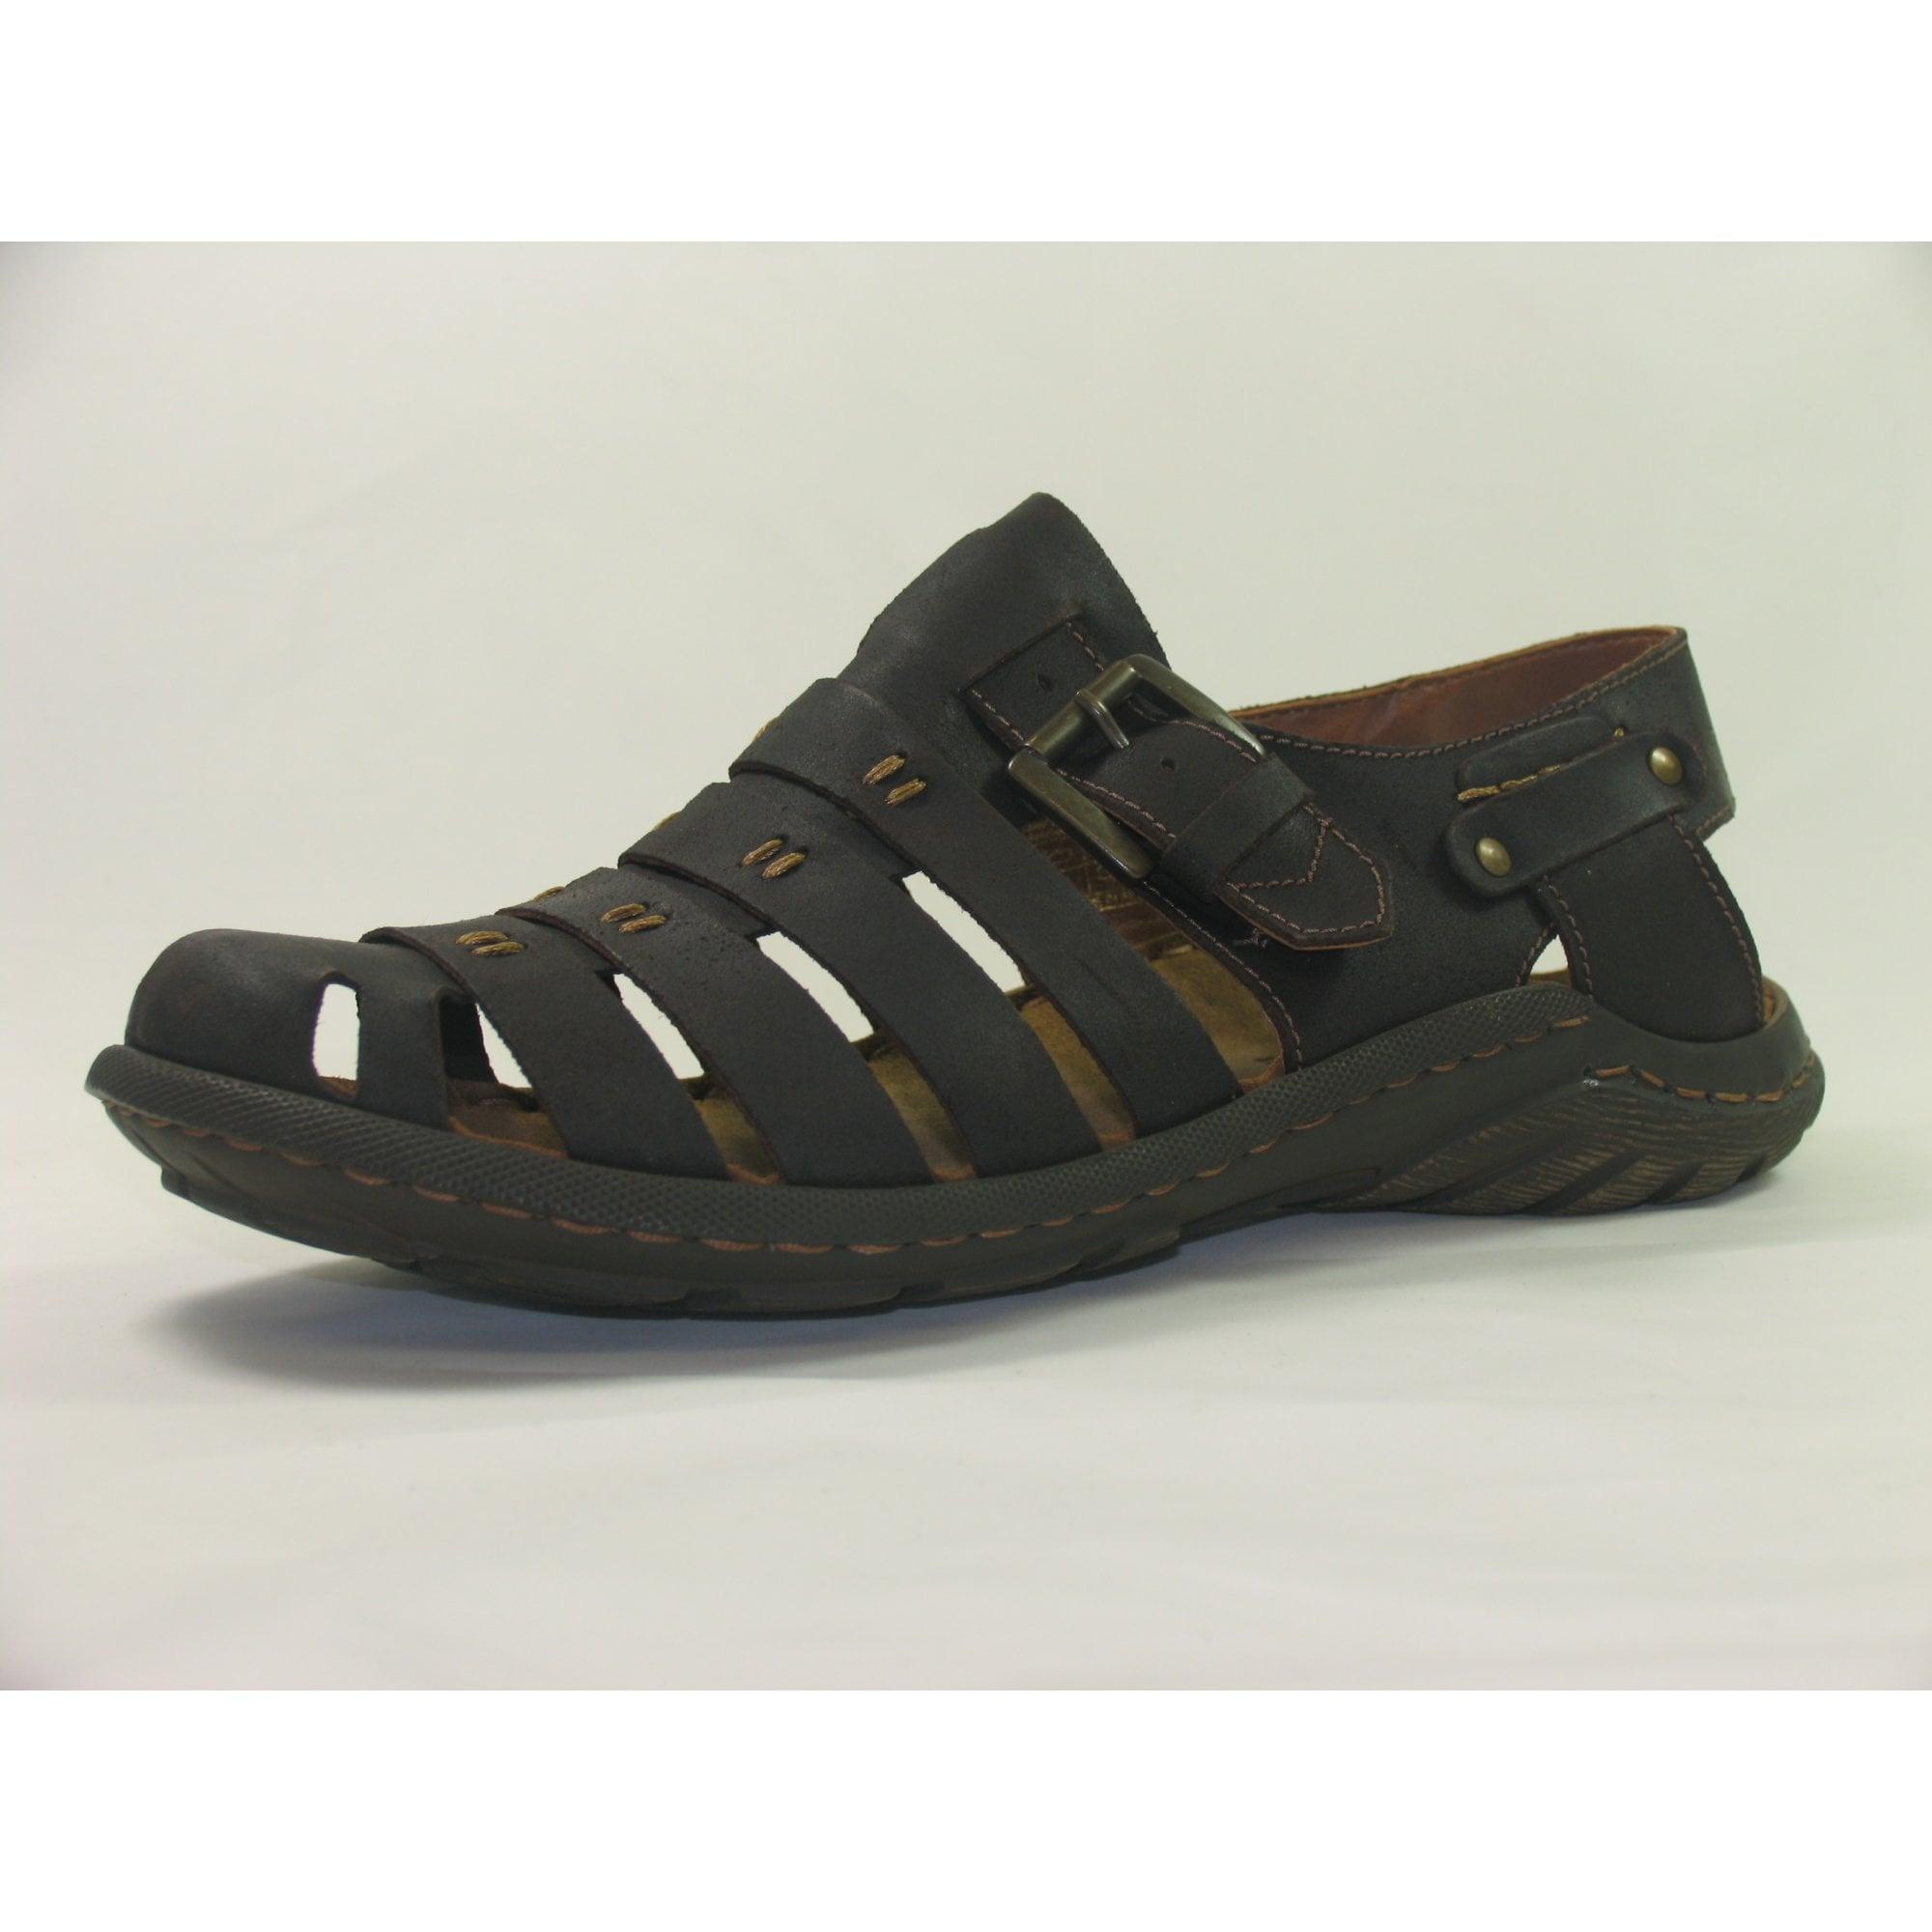 Buy Men's Josef Seibel Logan 04 Sandals